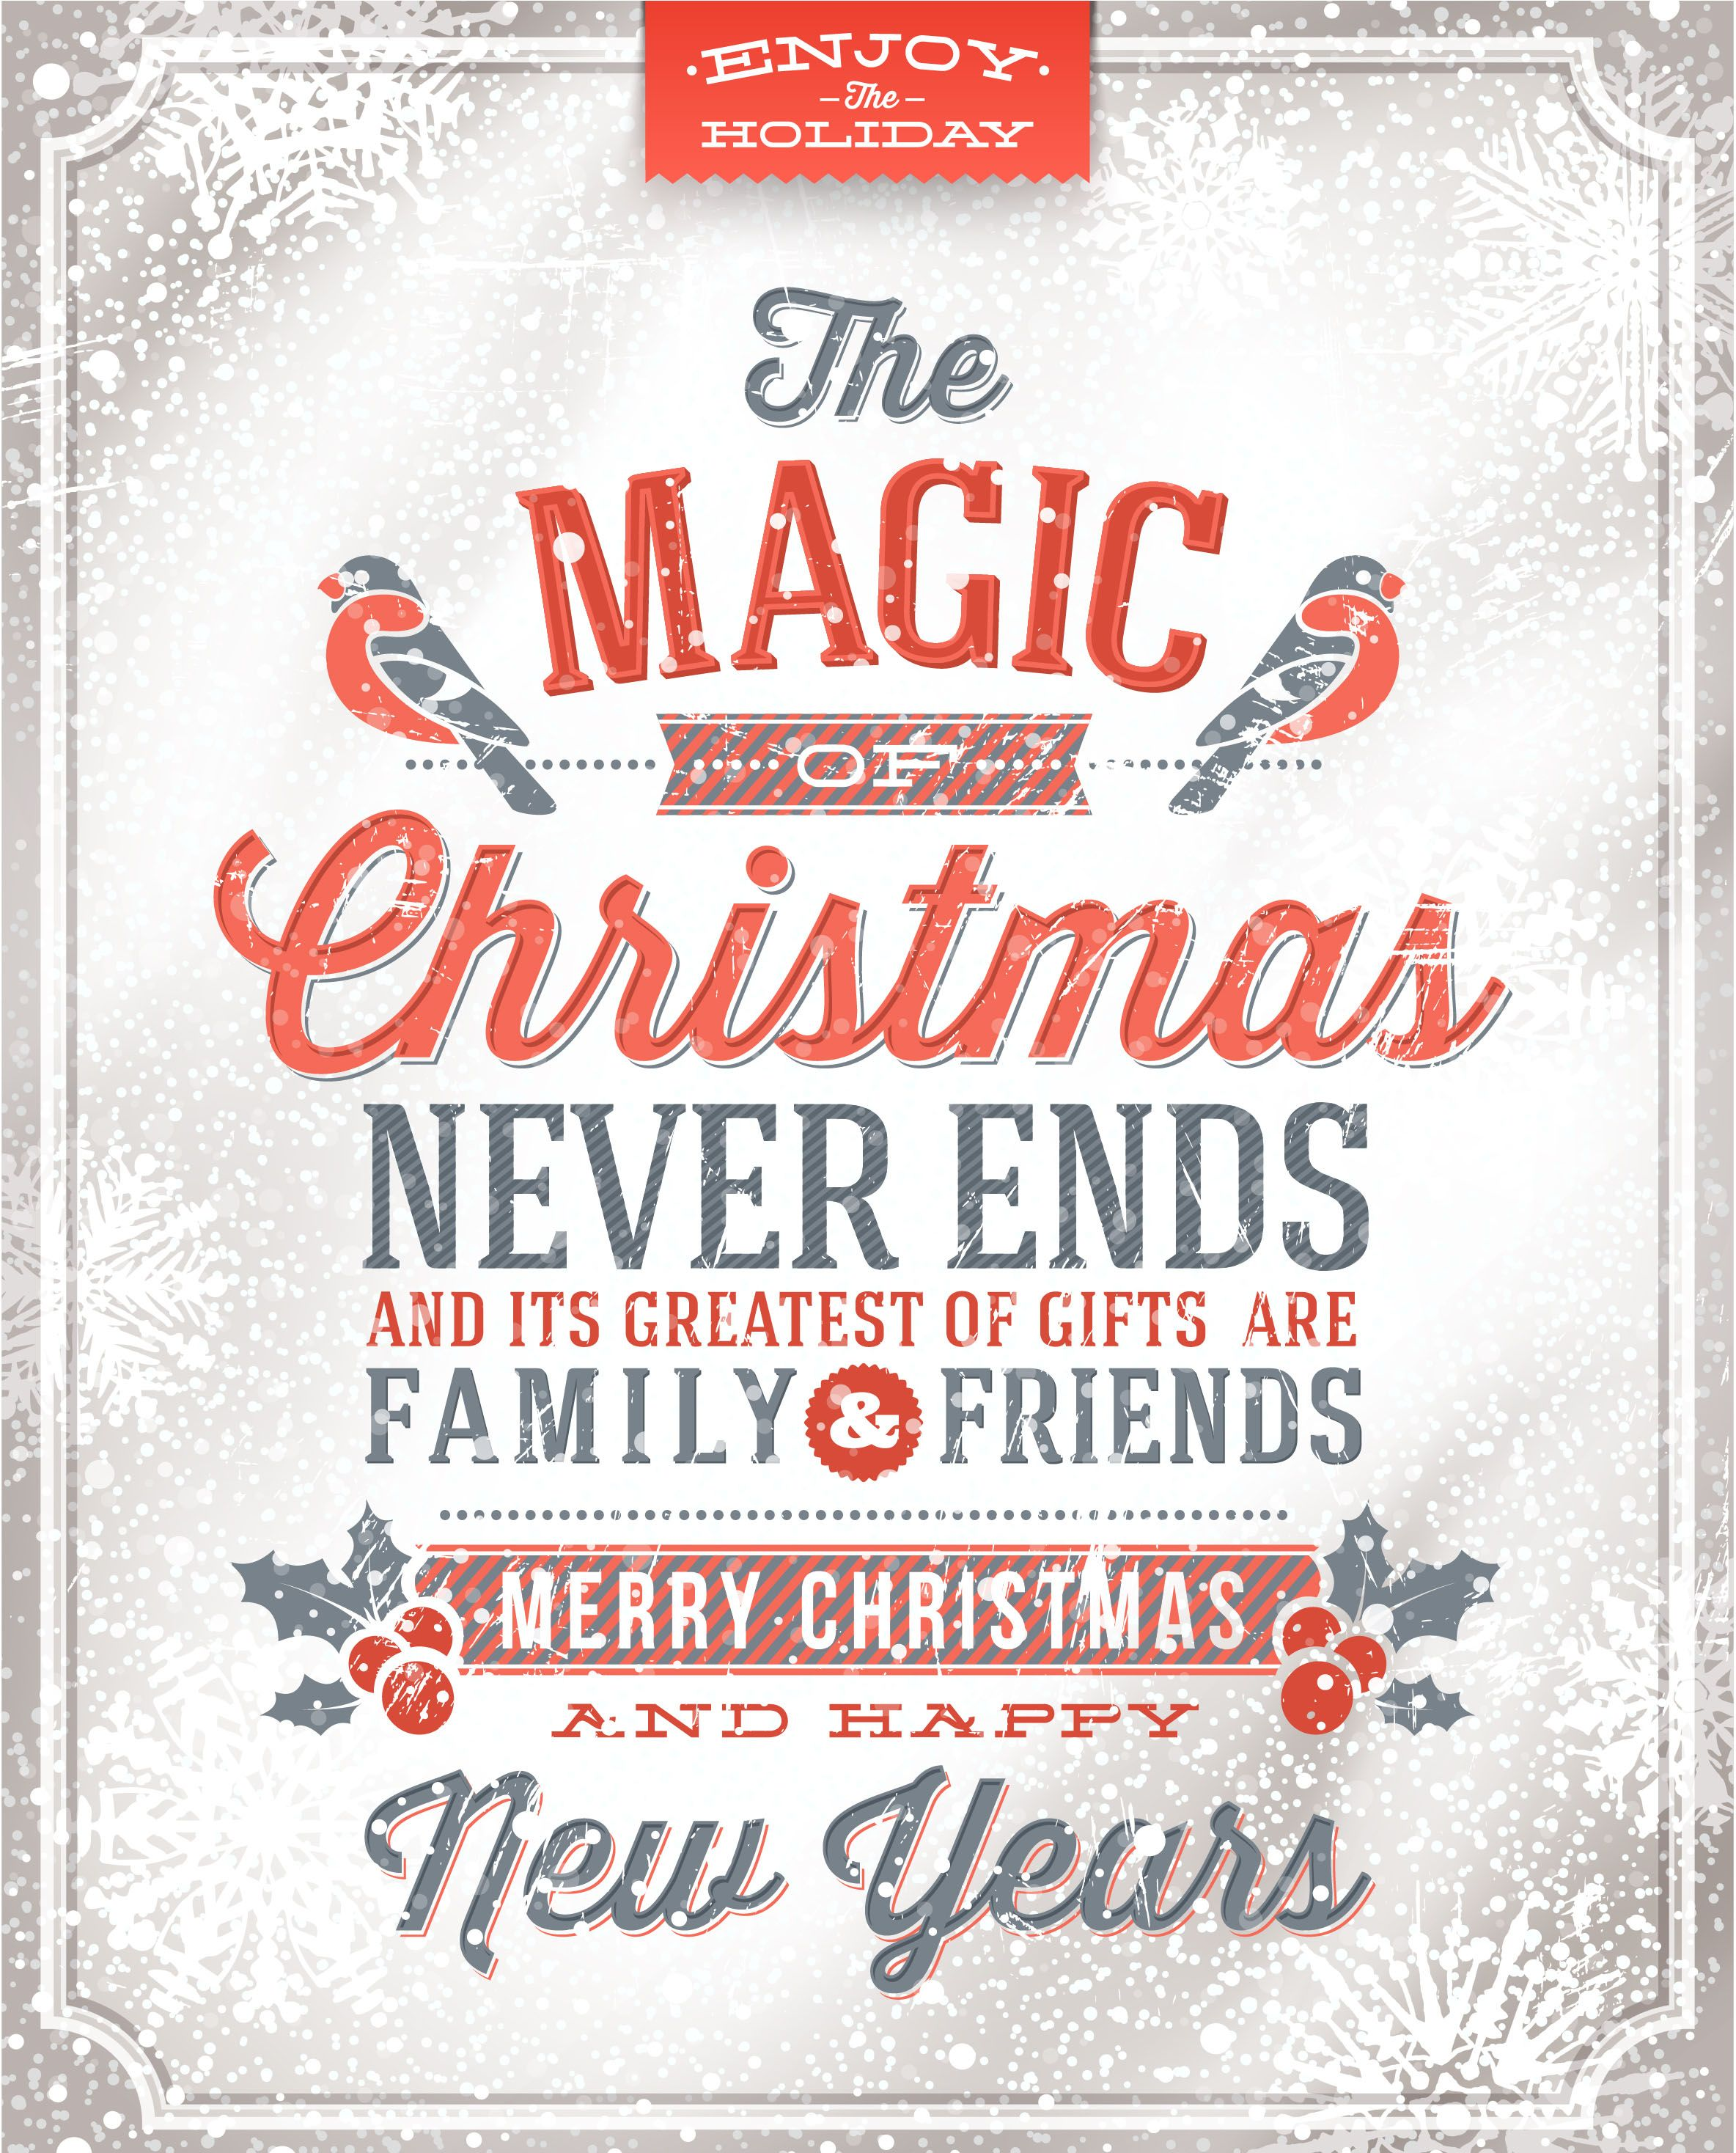 Christmas Xmas2017 MerryChristmas Christmas wishes